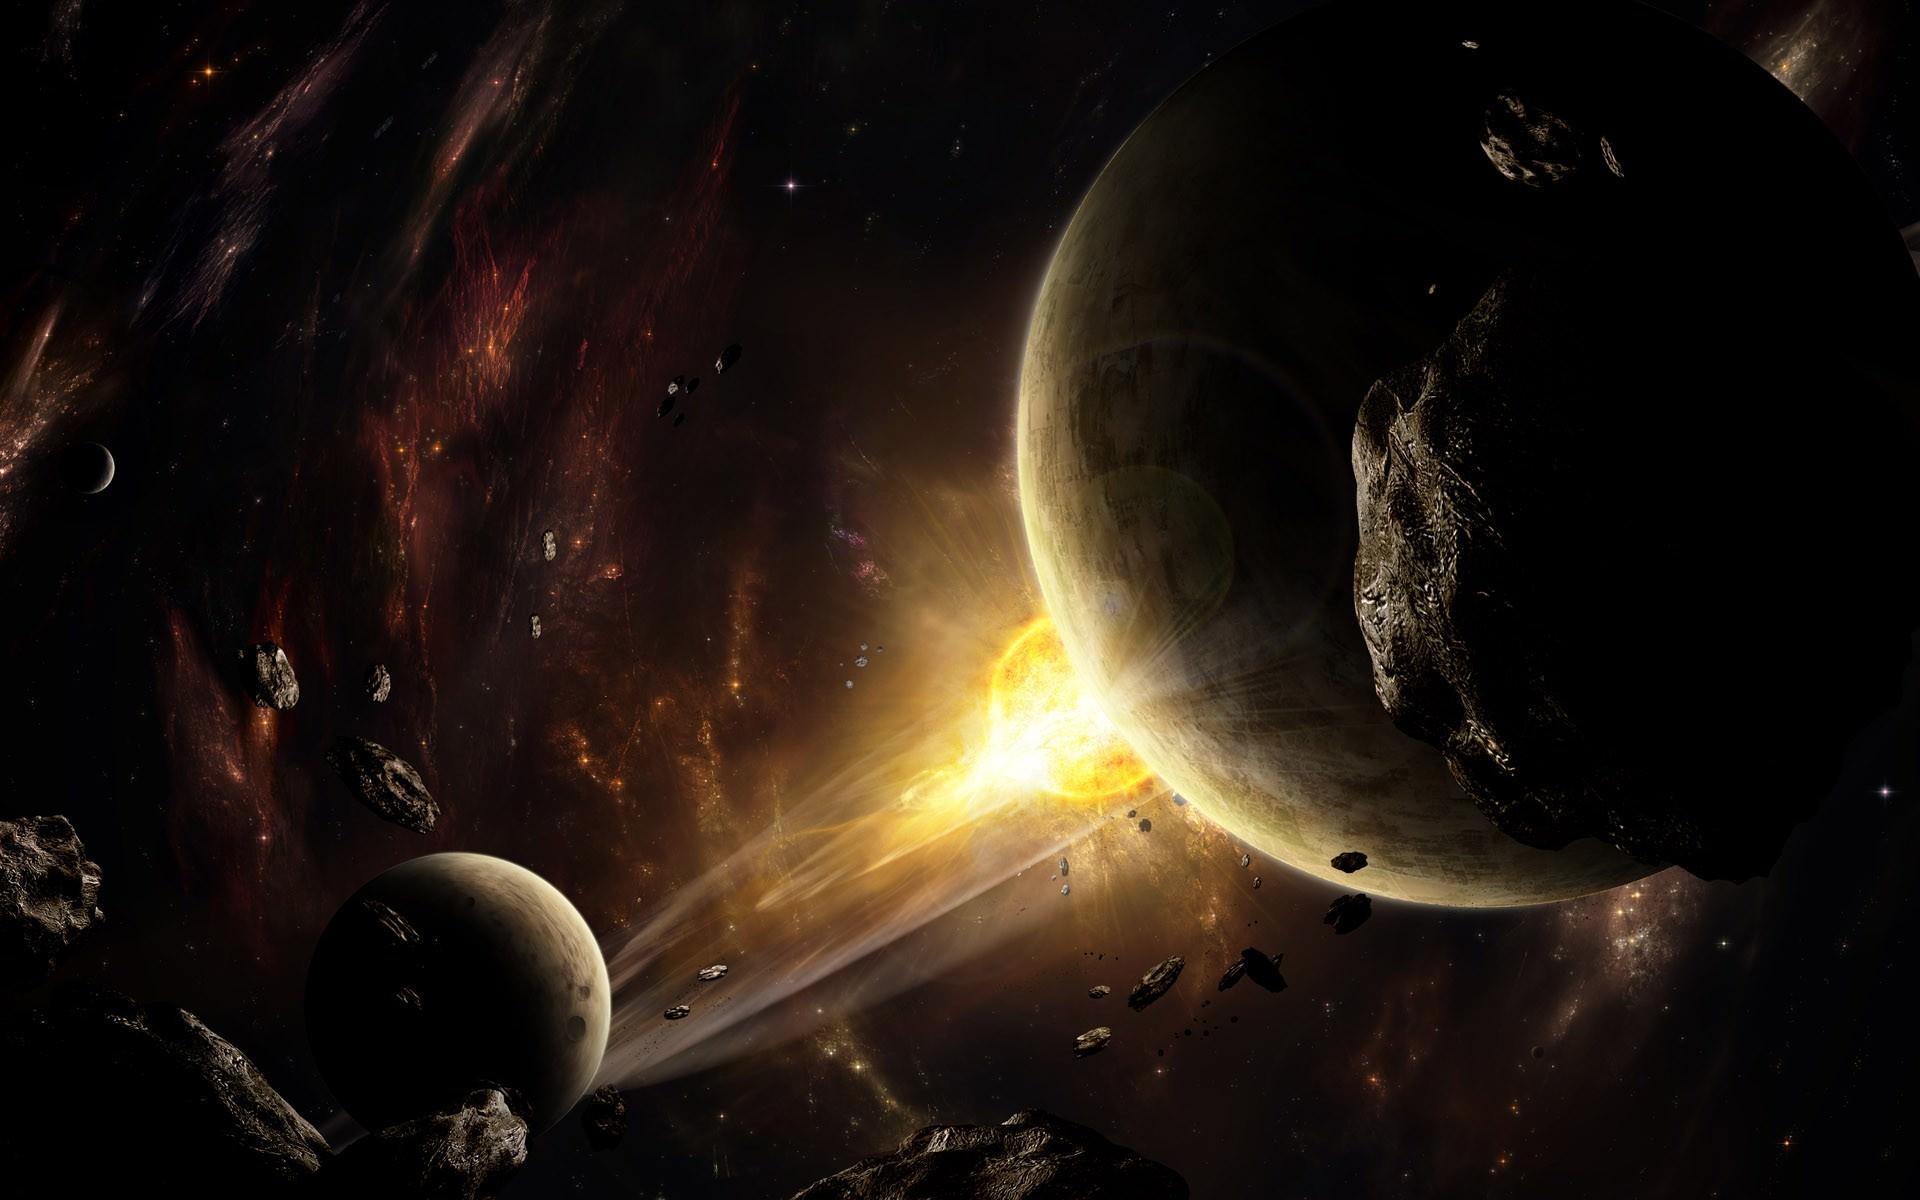 壮大で美しい宇宙の高画質画像まとめ 厳選pc スマホ用壁紙 写真